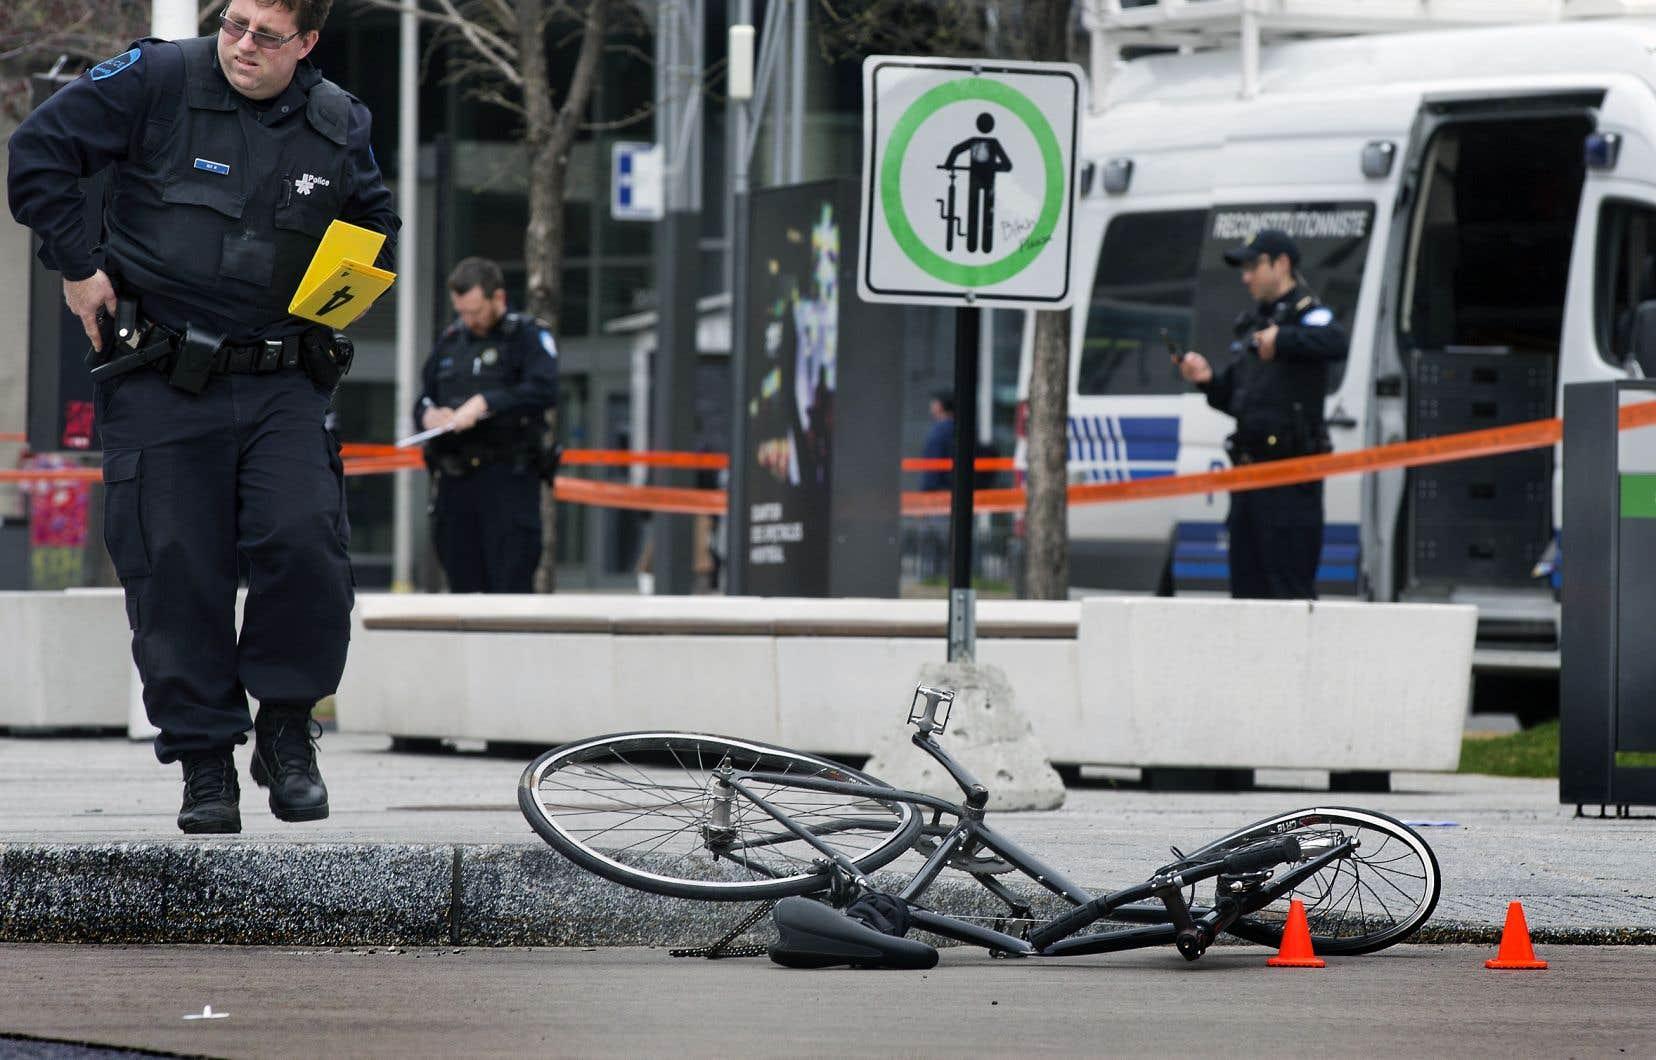 Après chaque nouveau décès à la suite d'une collision entre un camion et un usager vulnérable de la route, le sujet de la sécurité routière refait surface dans l'espace public.